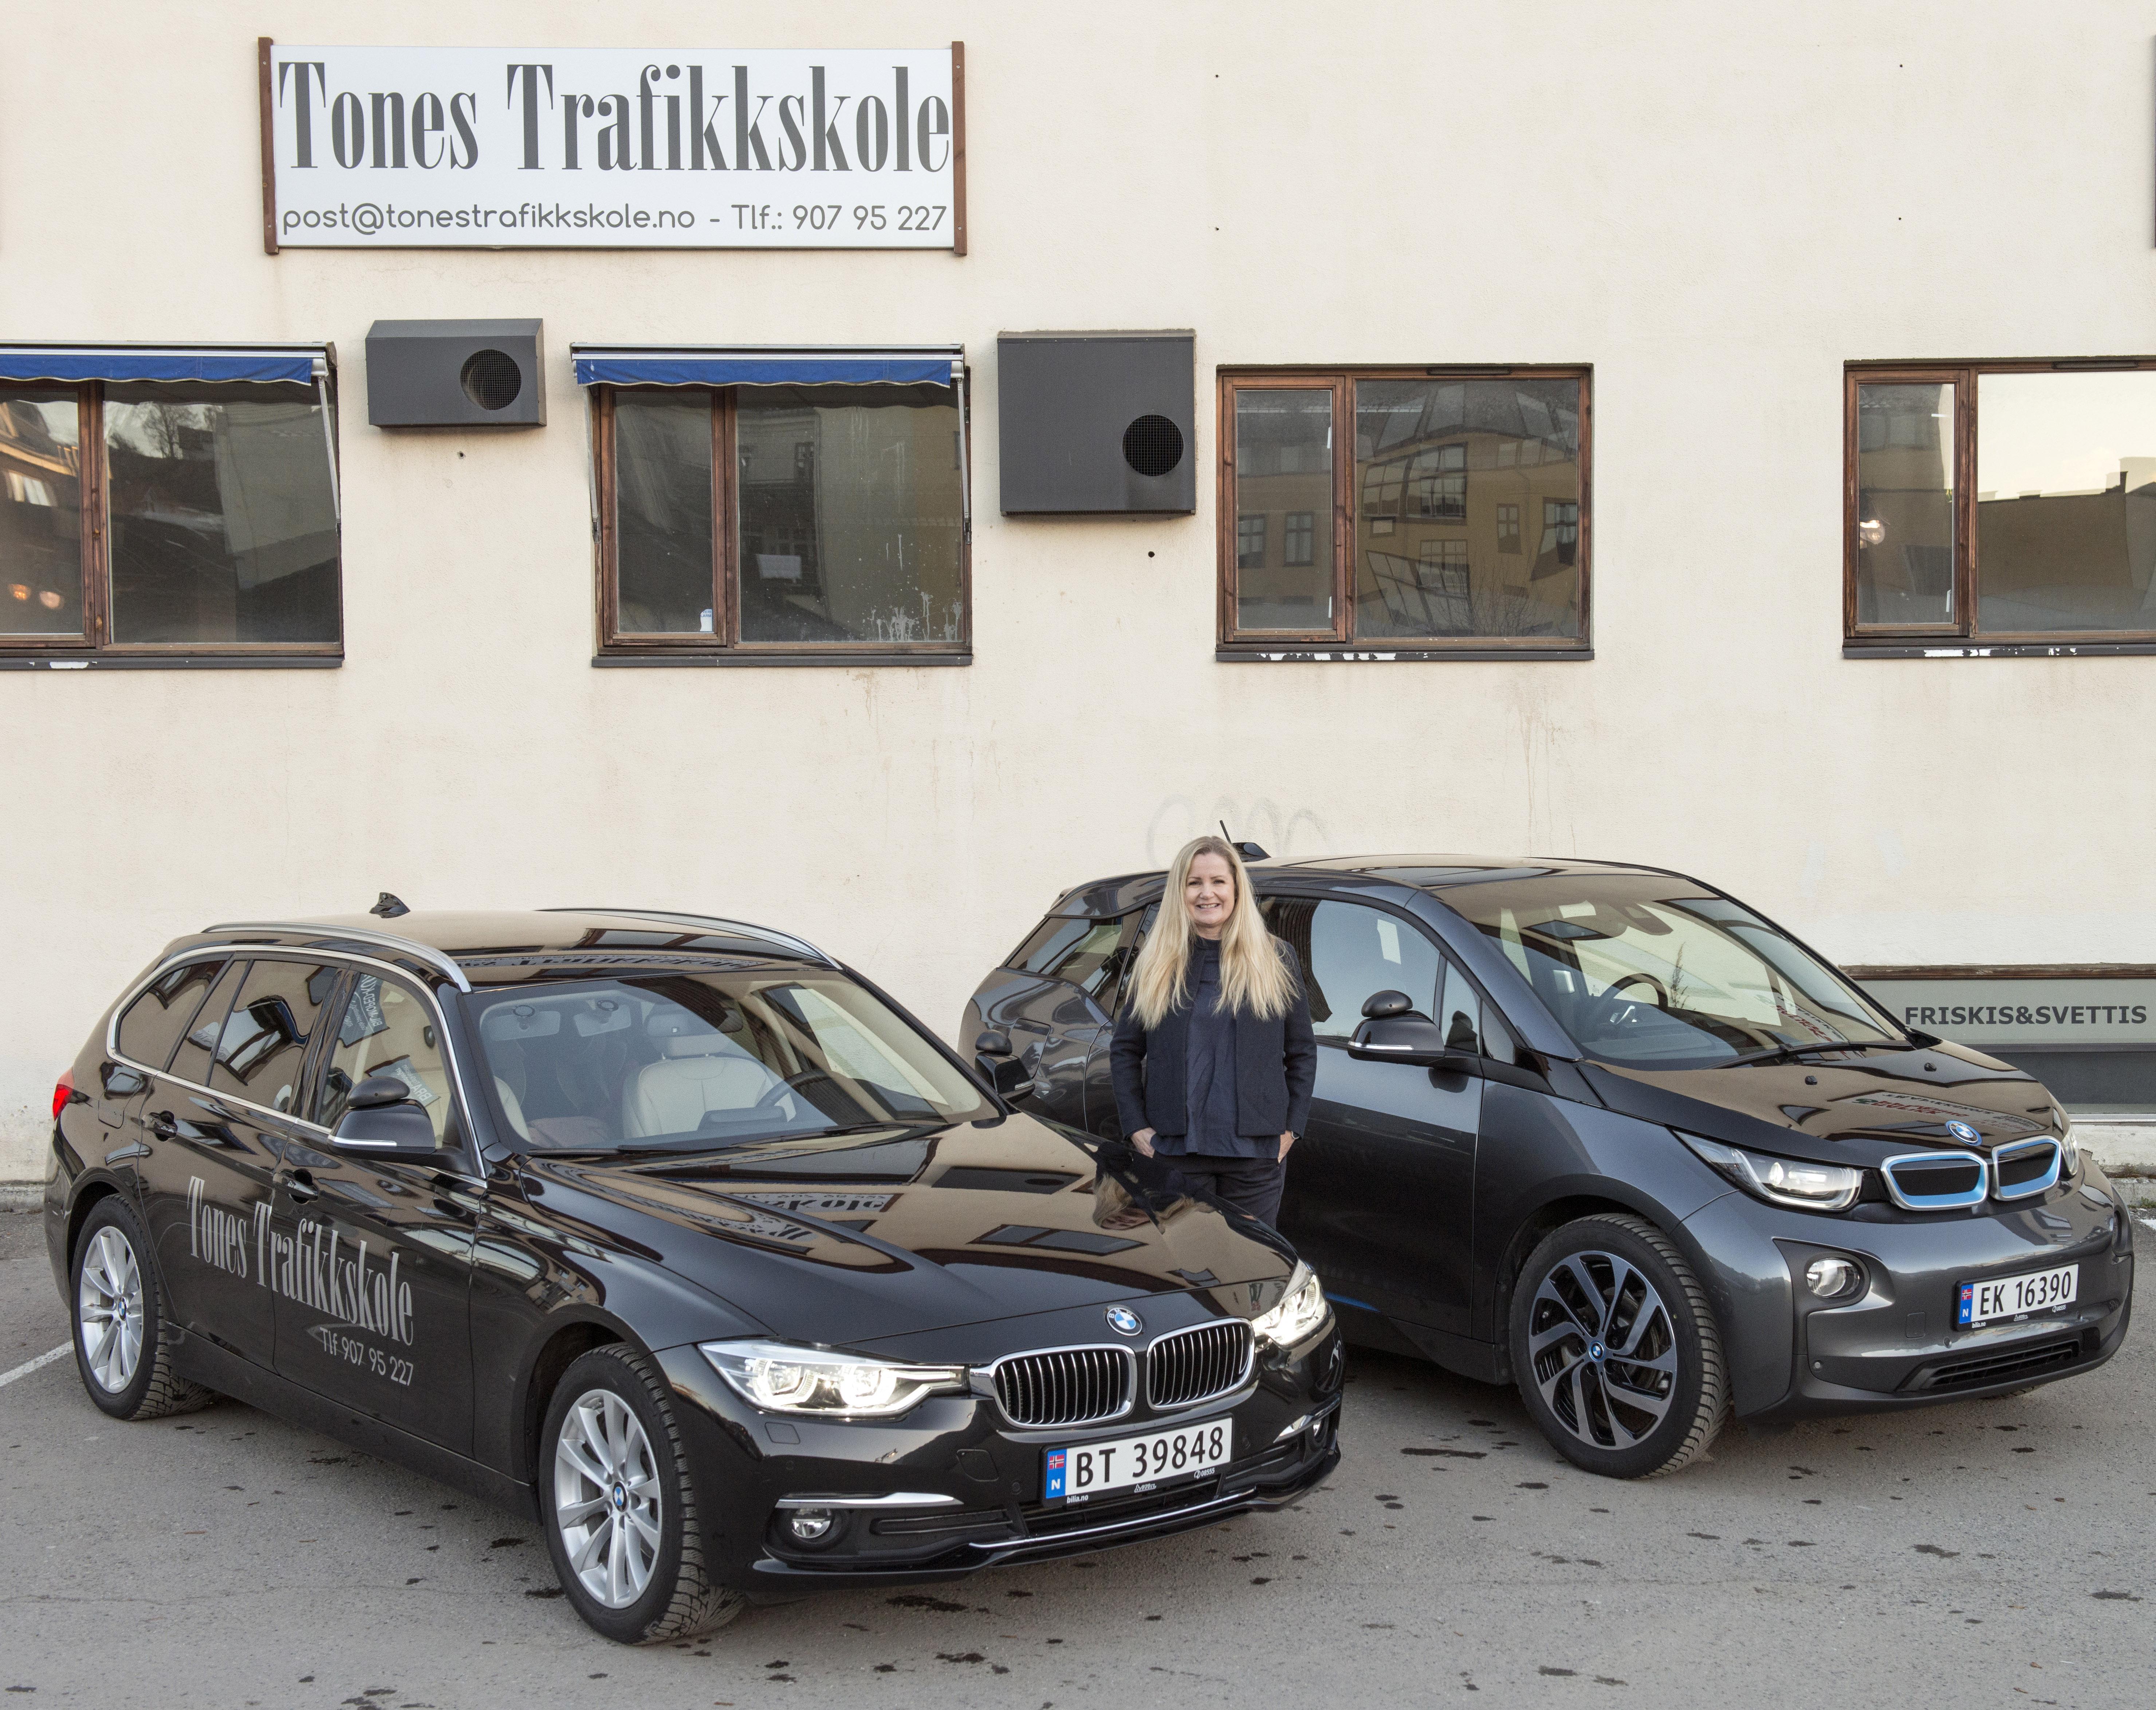 Tones trafikkskole kan tilby trafikkopplæring både med manuelt- og automatgir. Automatgir i kombinasjon med elbil som første trafikkskole i Hønefoss.